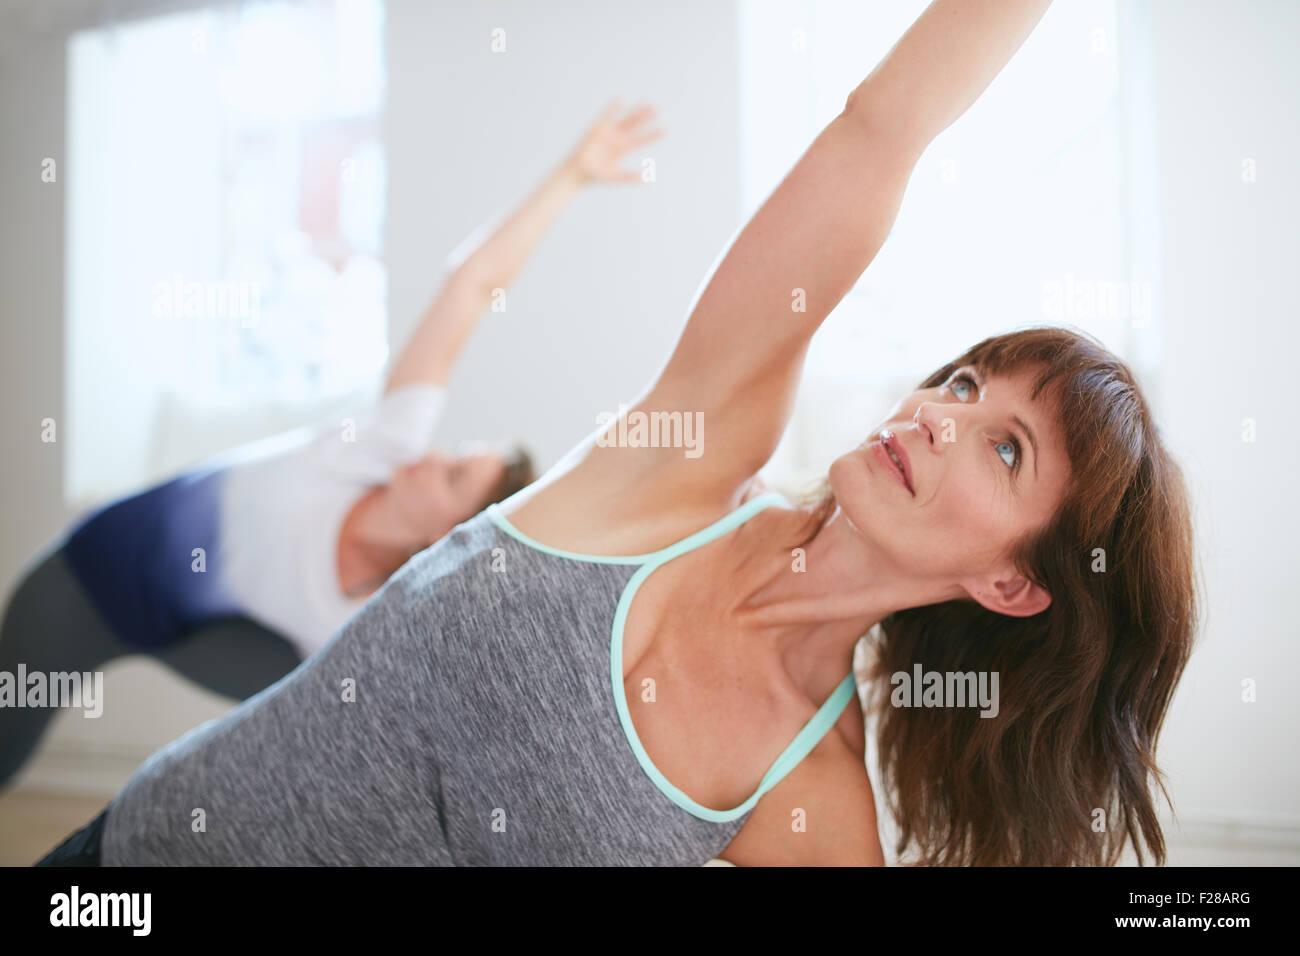 Ritratto di donna matura la pratica dello yoga in palestra. Femmina Fitness triangolo facendo yoga asana Trikonasana. Immagini Stock